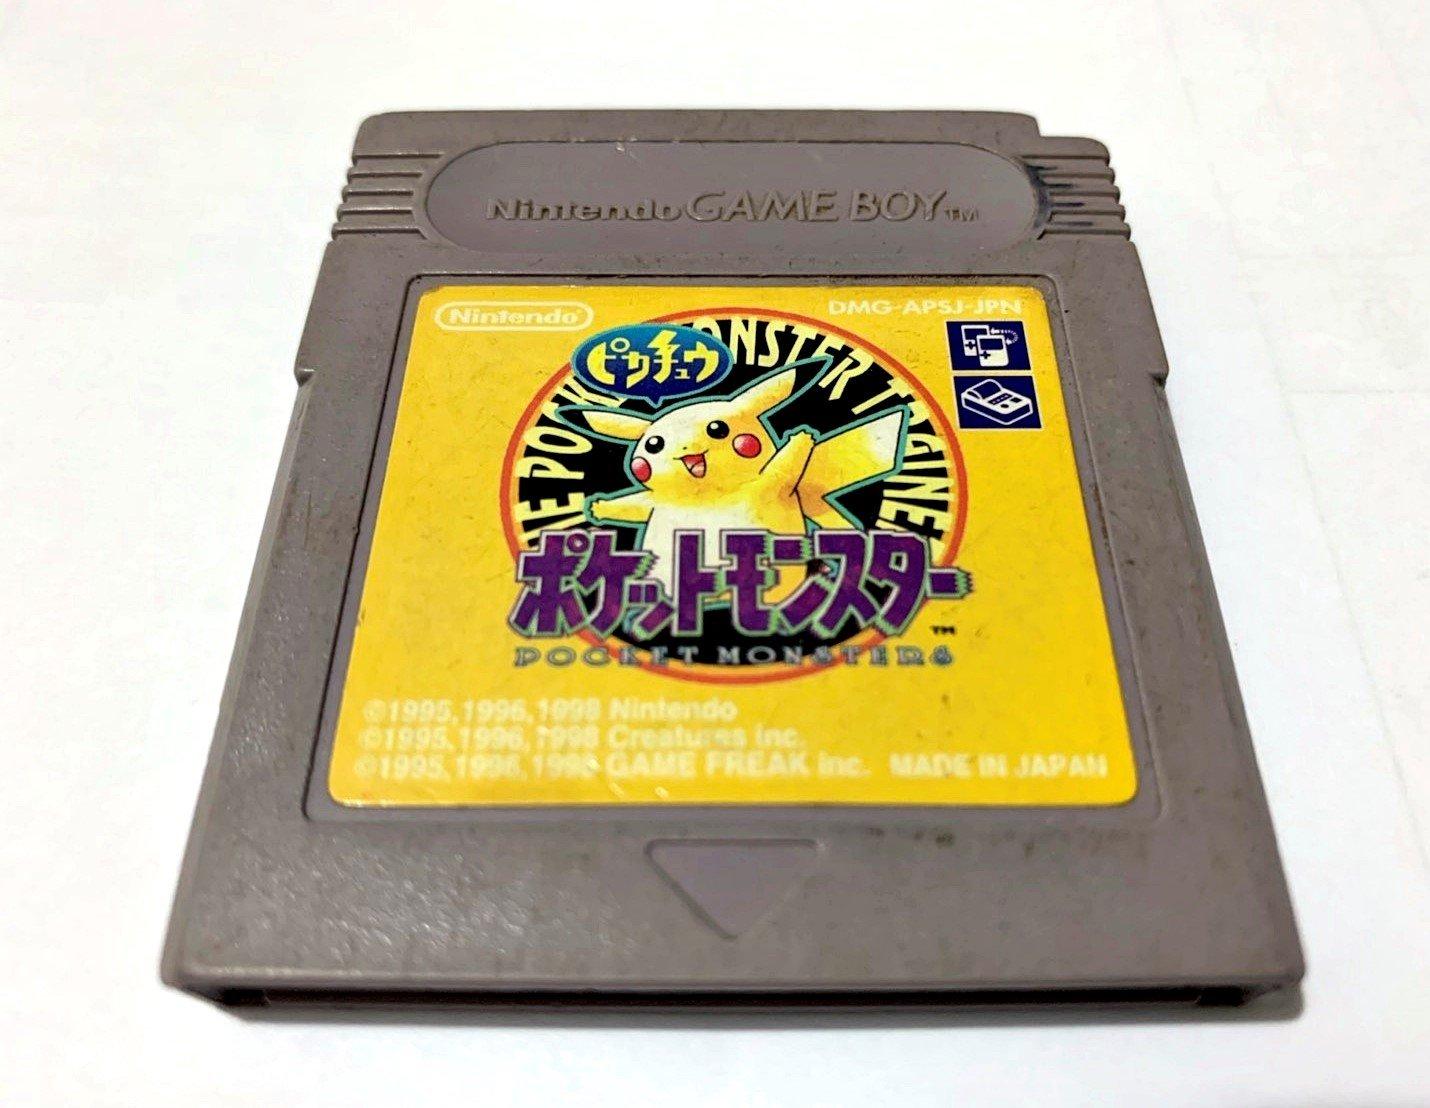 幸運小兔 GB遊戲 GB 神奇寶貝 黃版 寶可夢 皮卡丘版 口袋怪獸 任天堂 GameBoy GBC、GBA 適用 F2